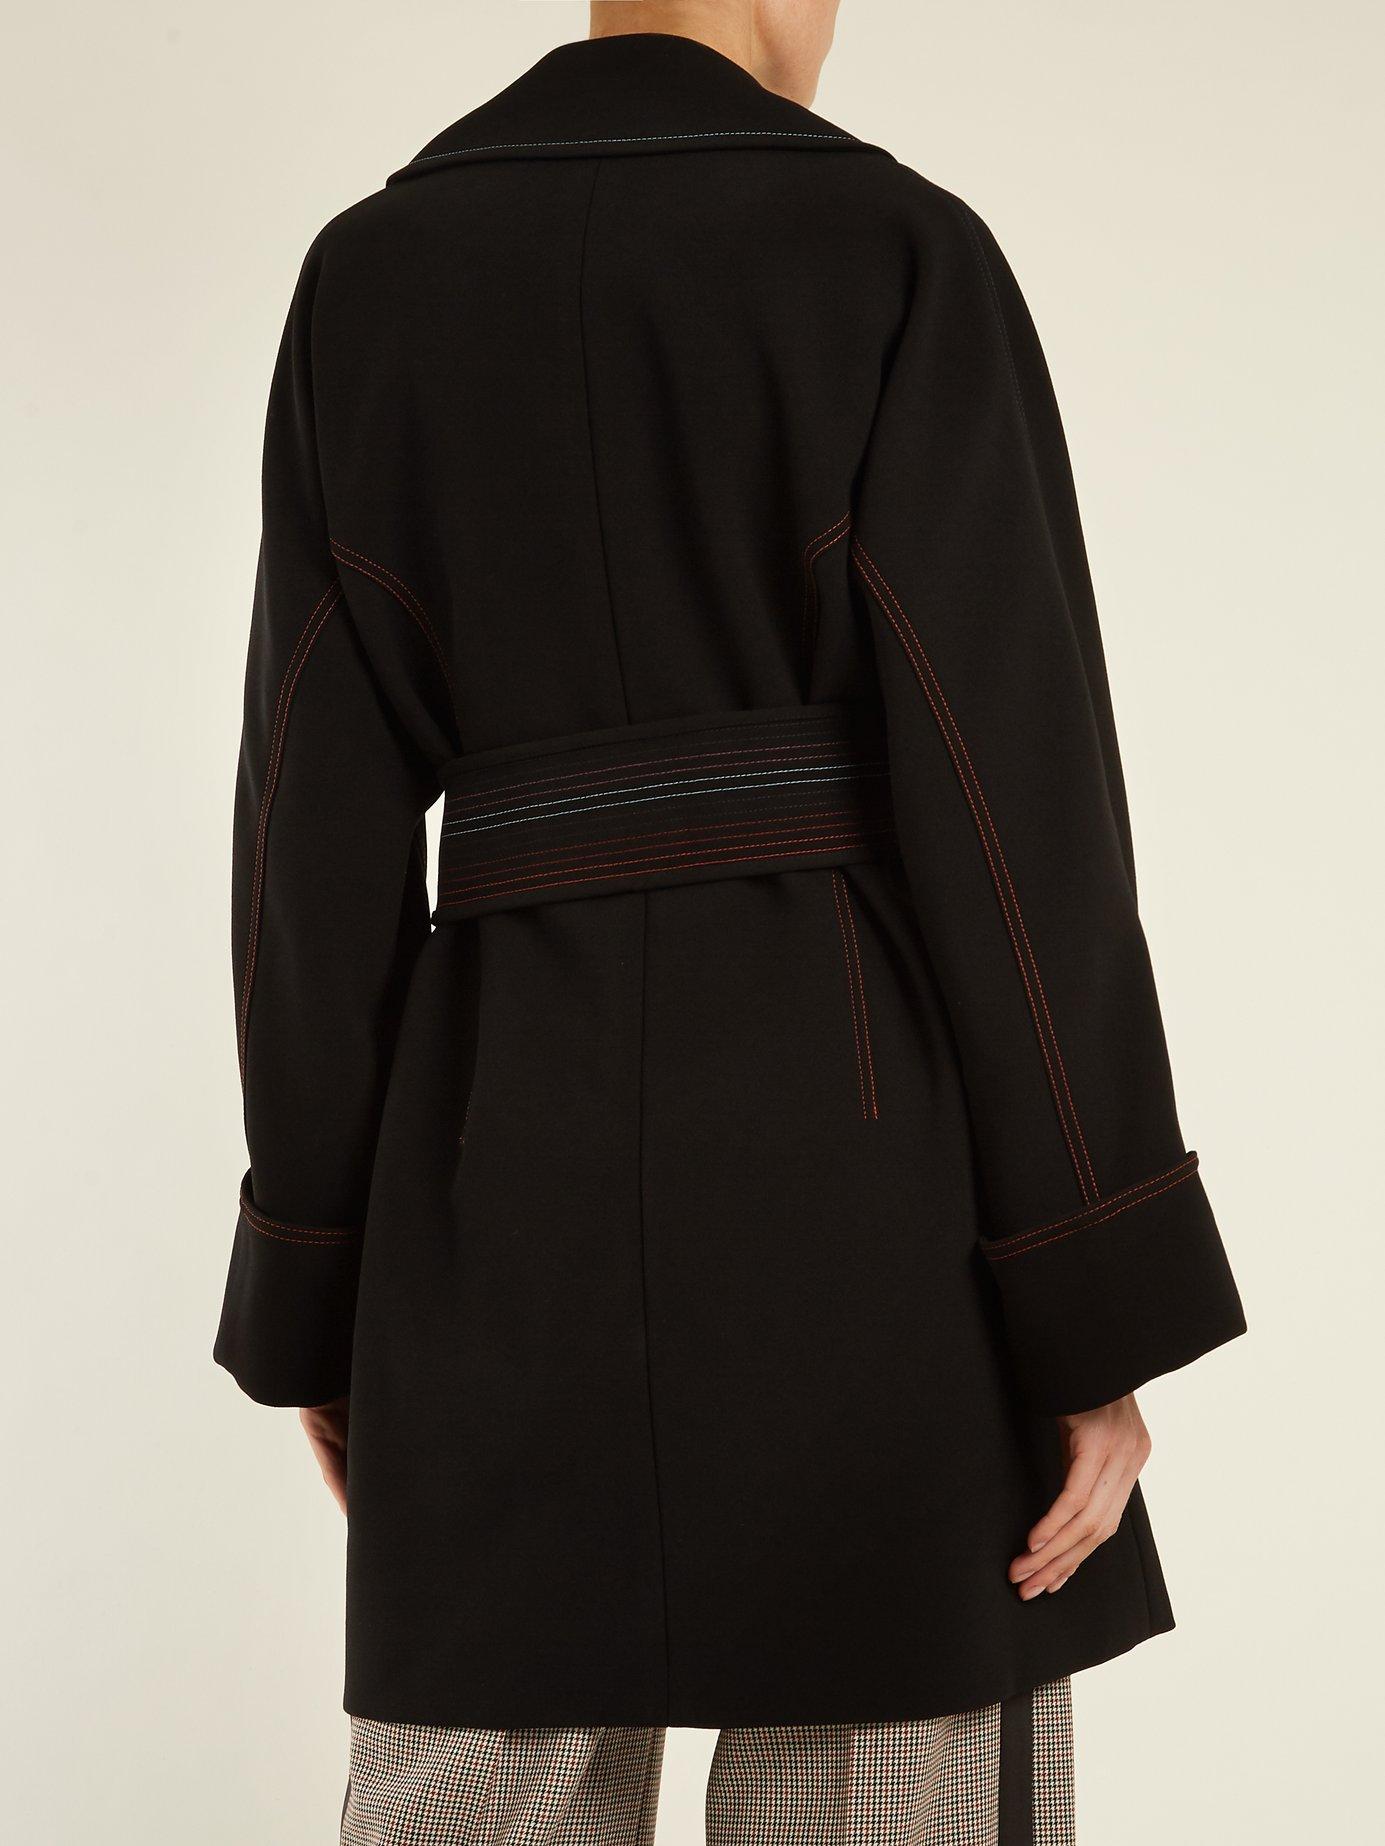 Contrast-stitching belted crepe coat by Diane Von Furstenberg